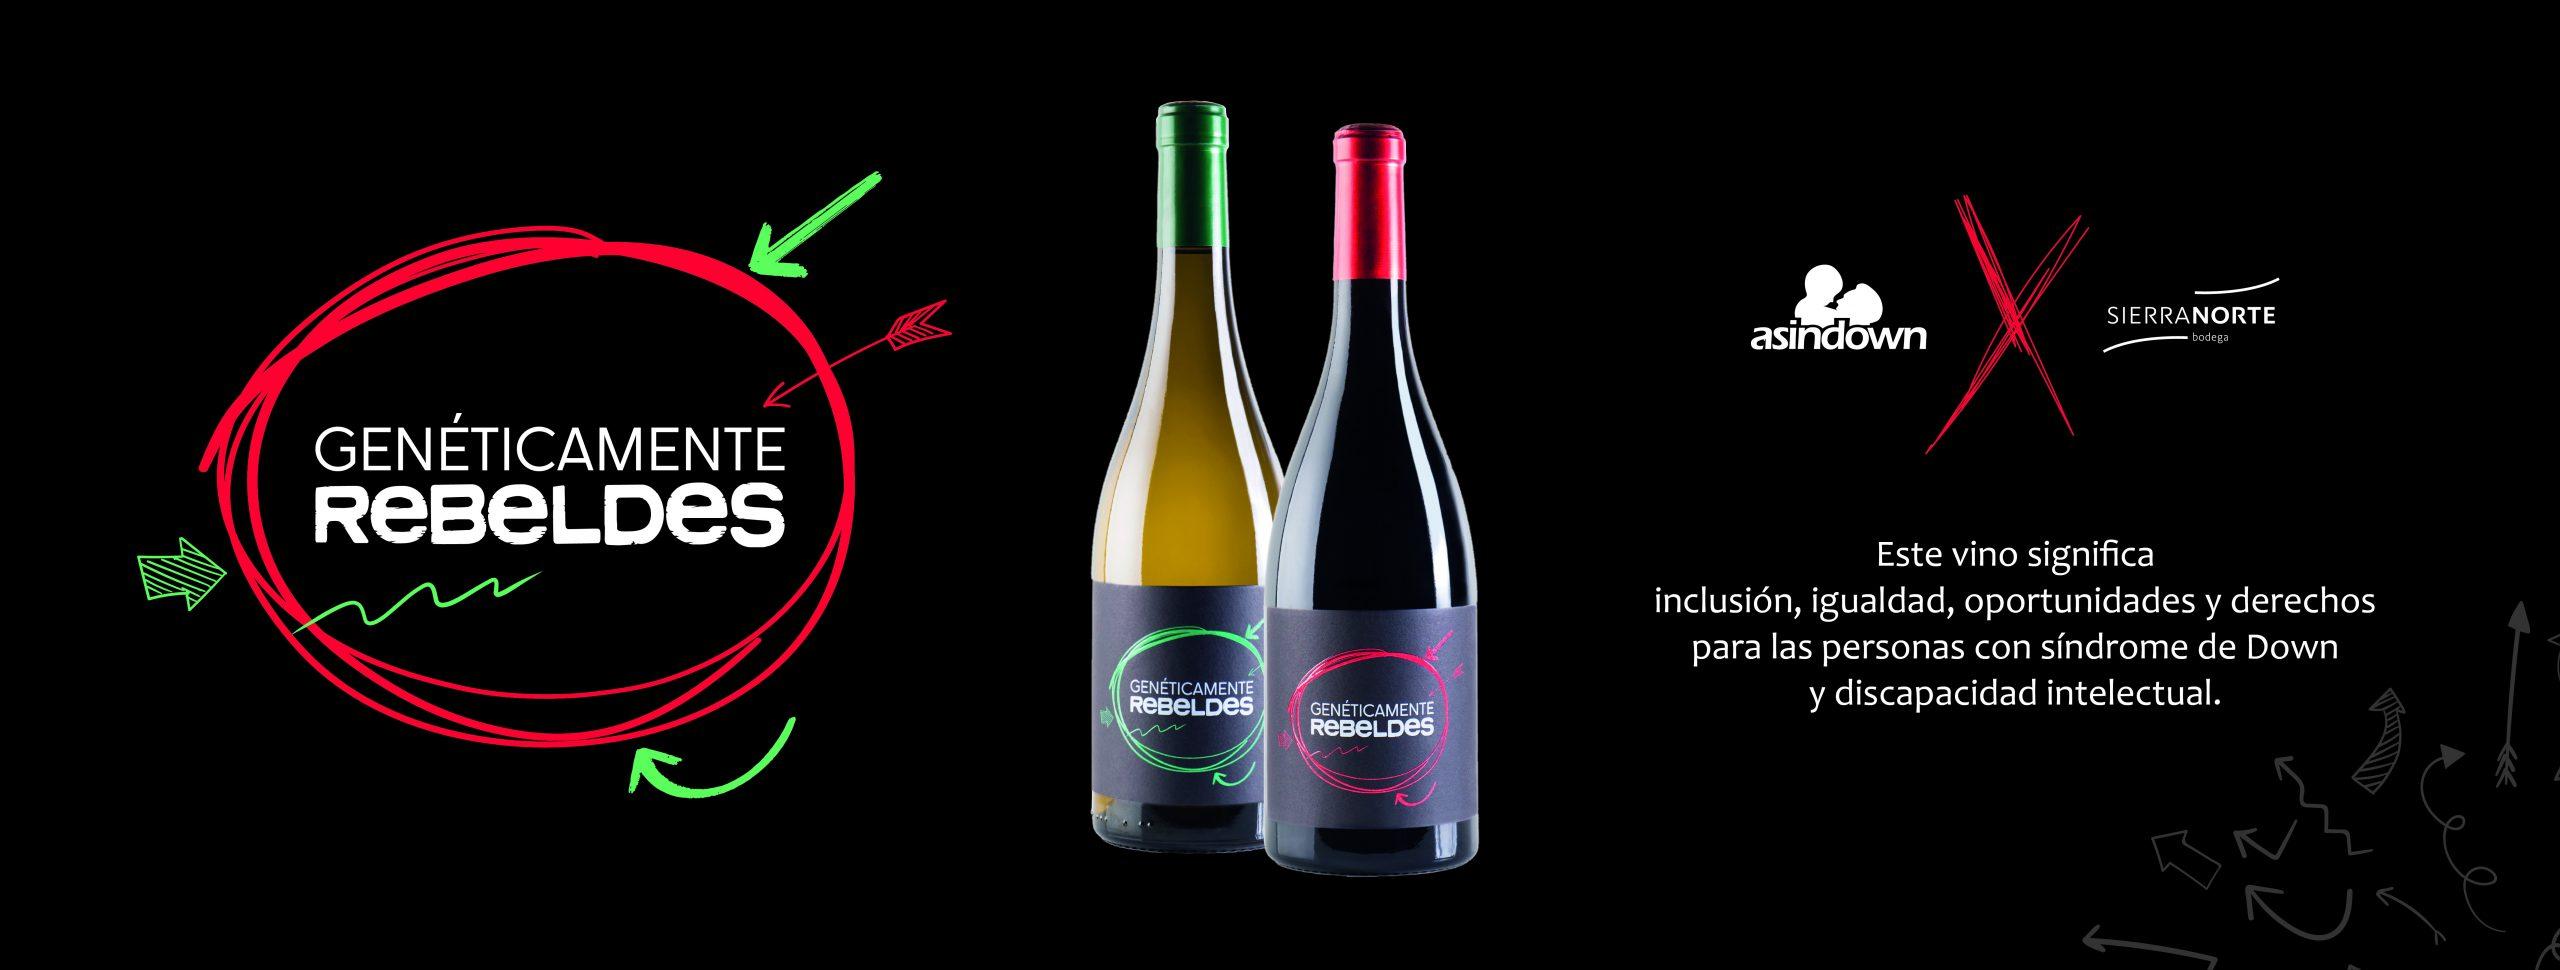 comprar-regalar-vinos-solidarios-geneticamente-rebeldes-asindown-bodega-sierra-norte